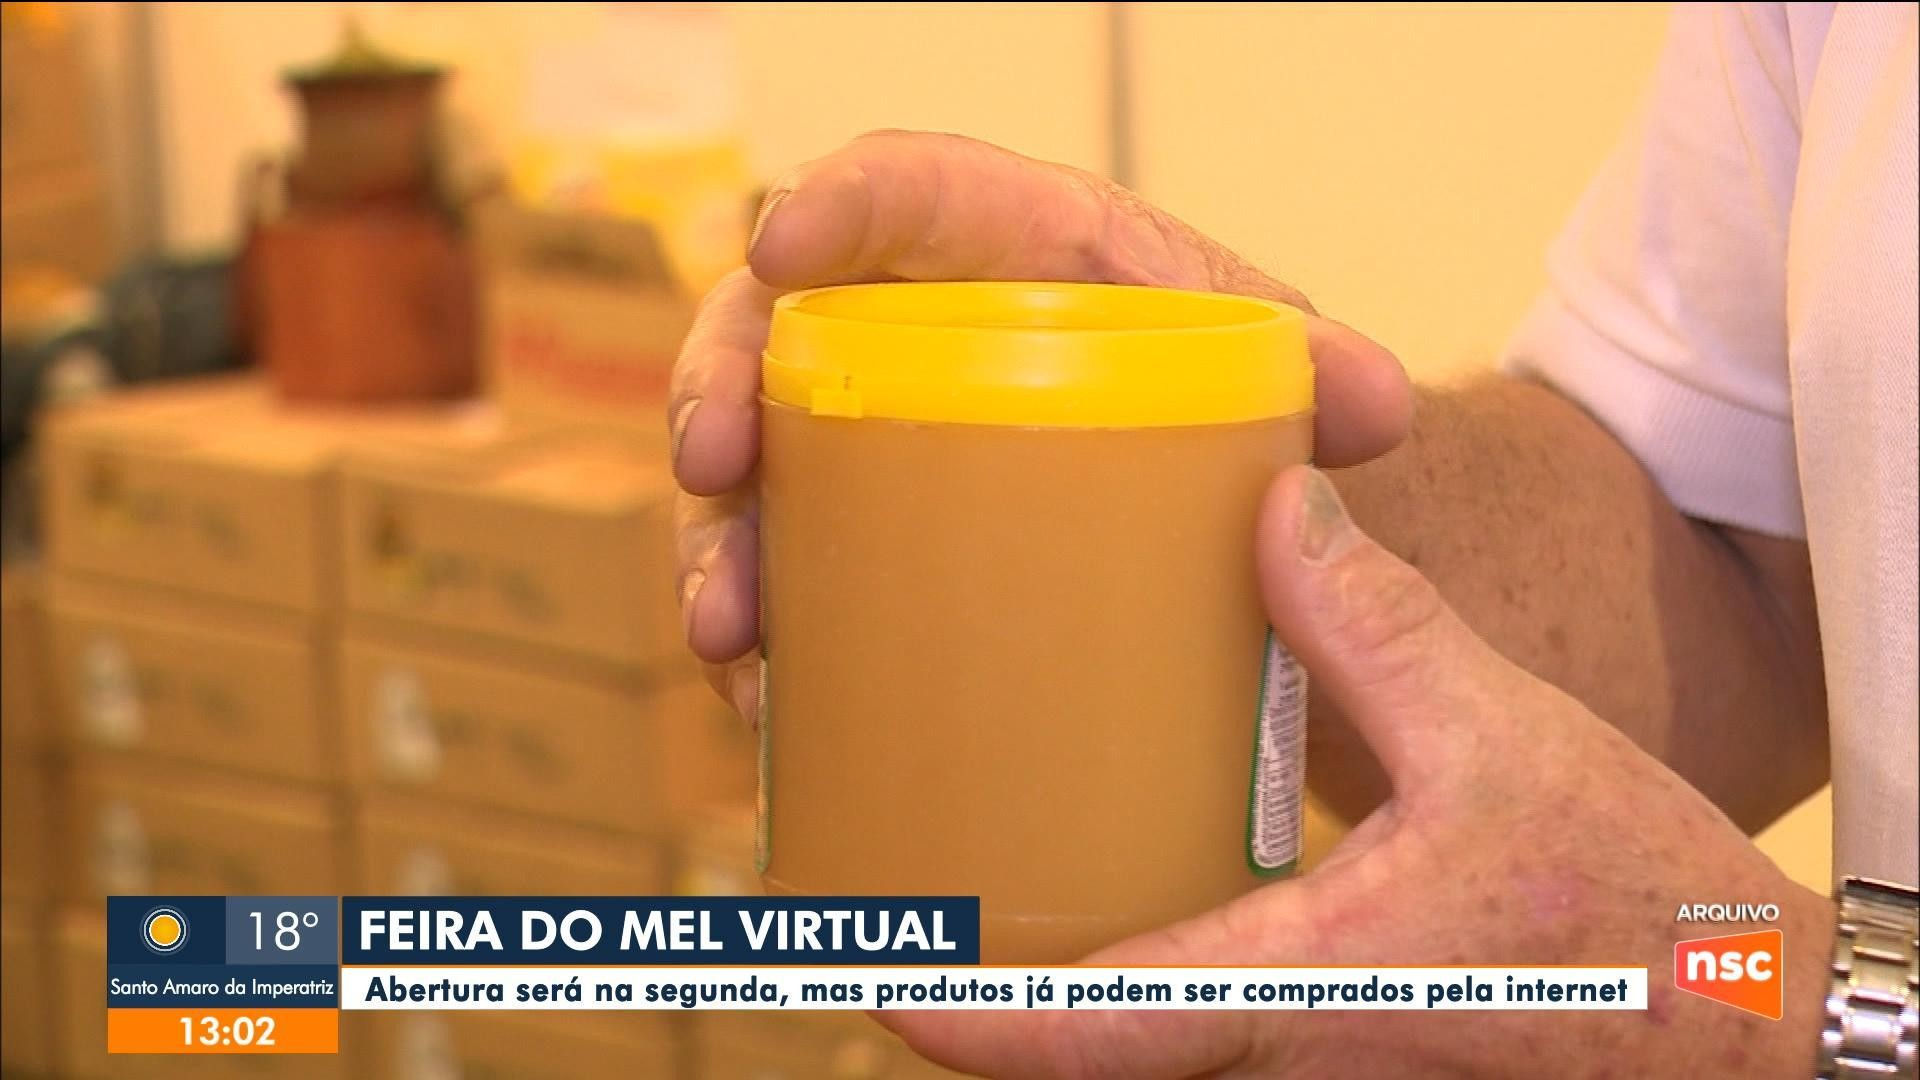 VÍDEOS: Jornal do Almoço de sábado, 4 de julho